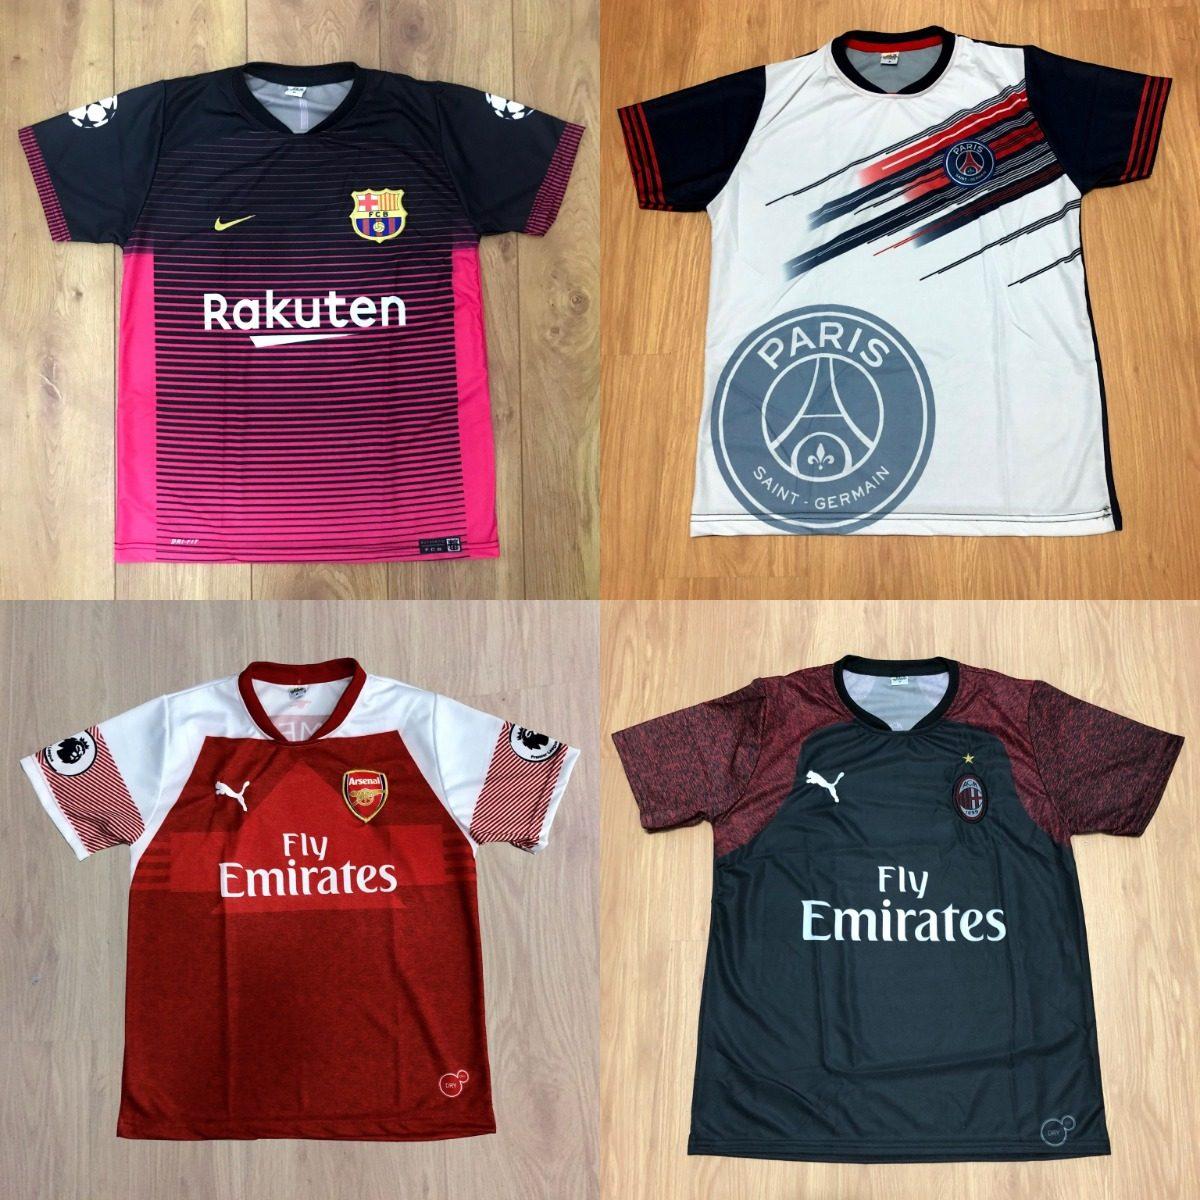 b5ddc819d6 Kit Com 10 Camisetas De Time Camisas De Futebol Atacado - R  185